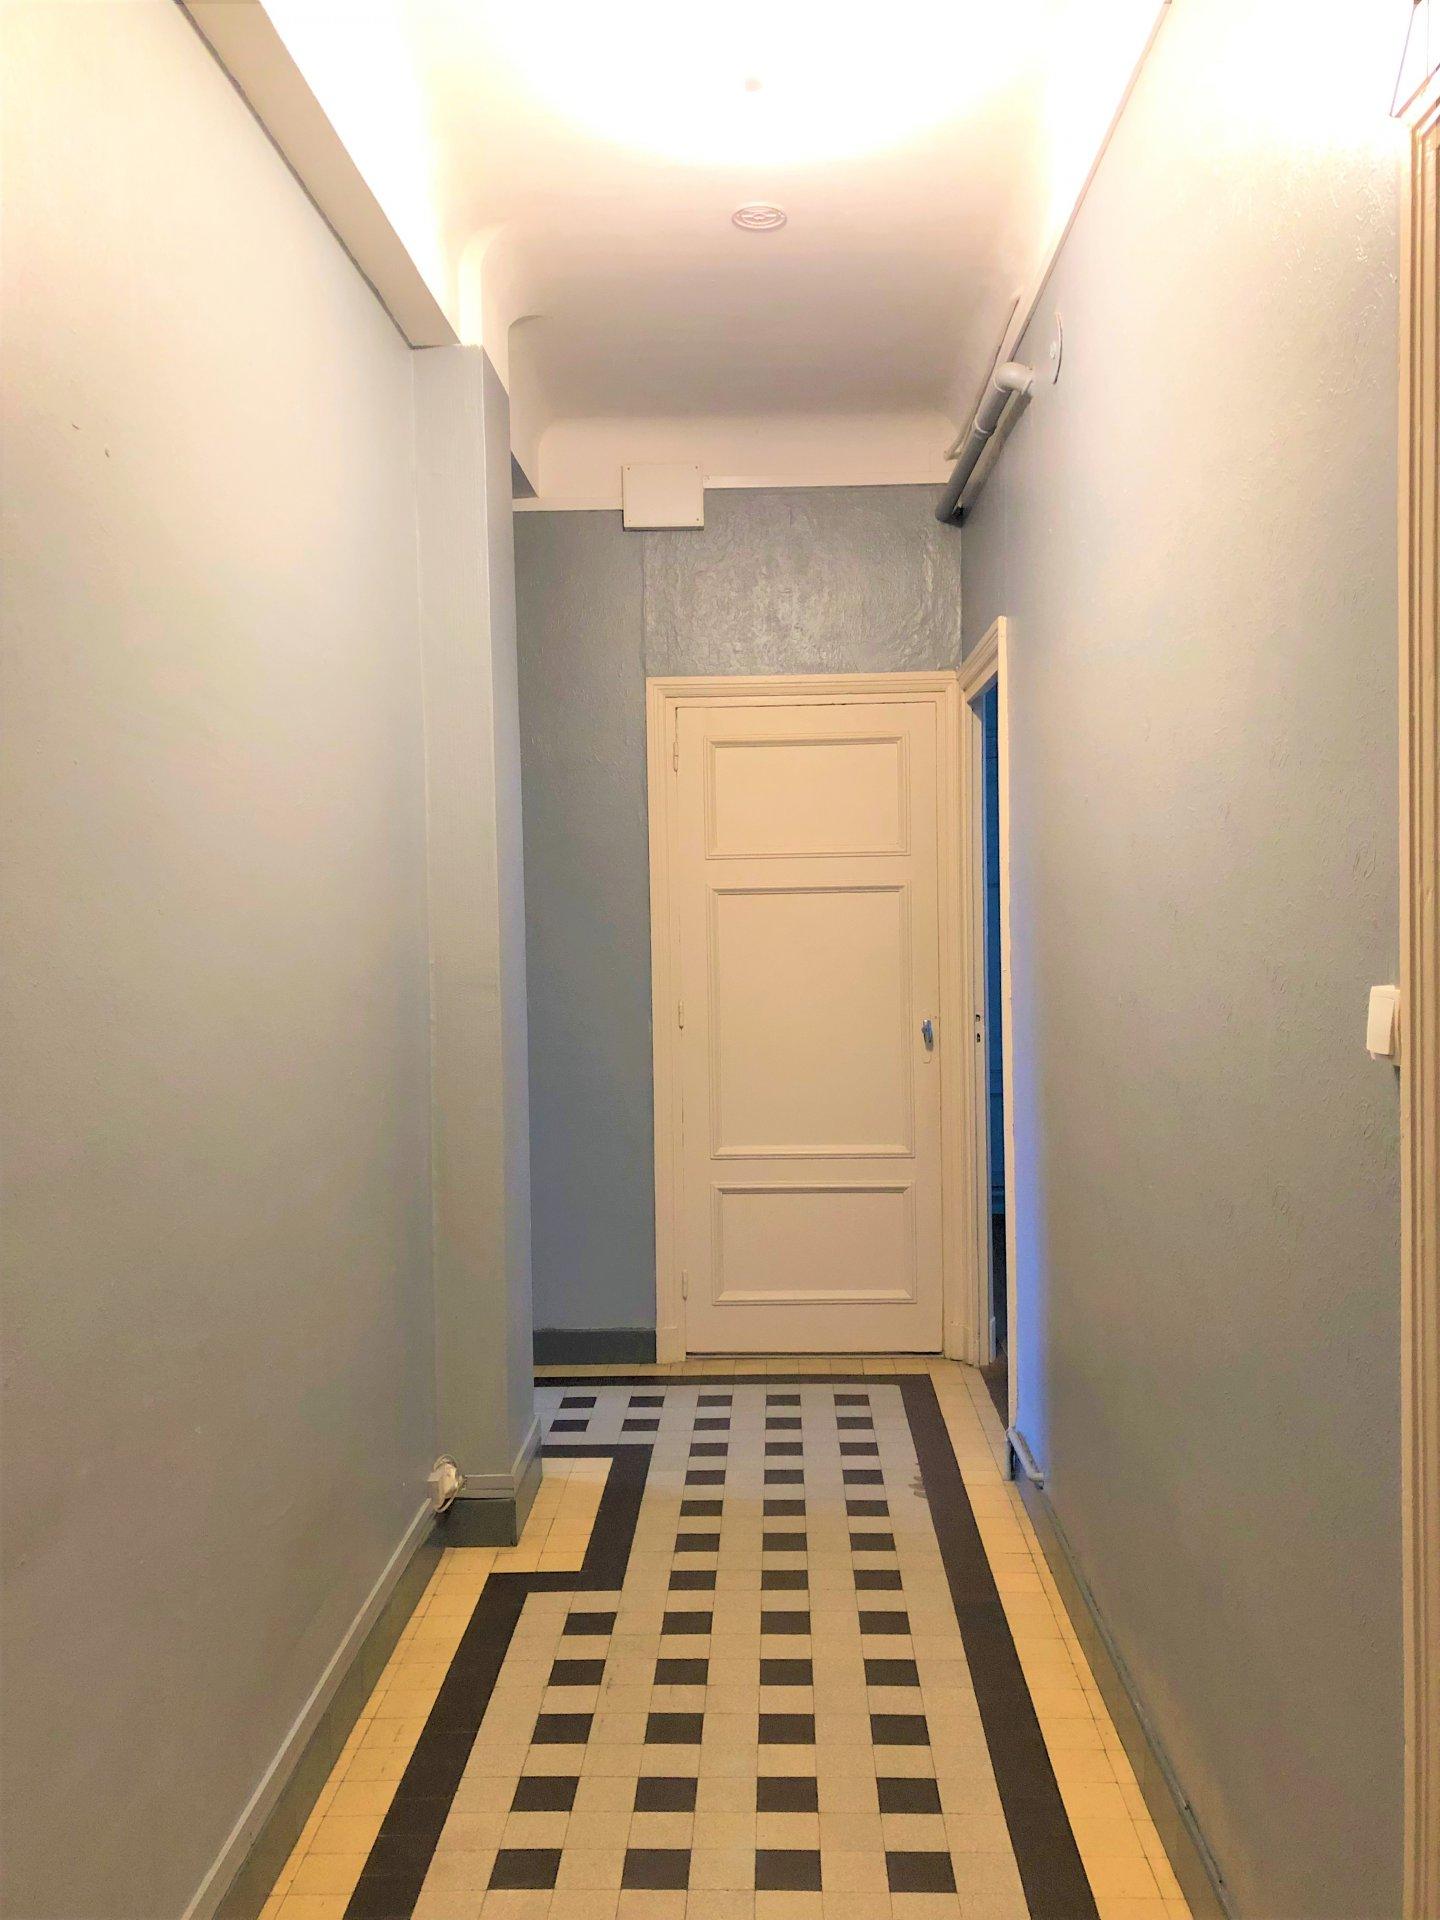 Couloir desservant toutes les pièces